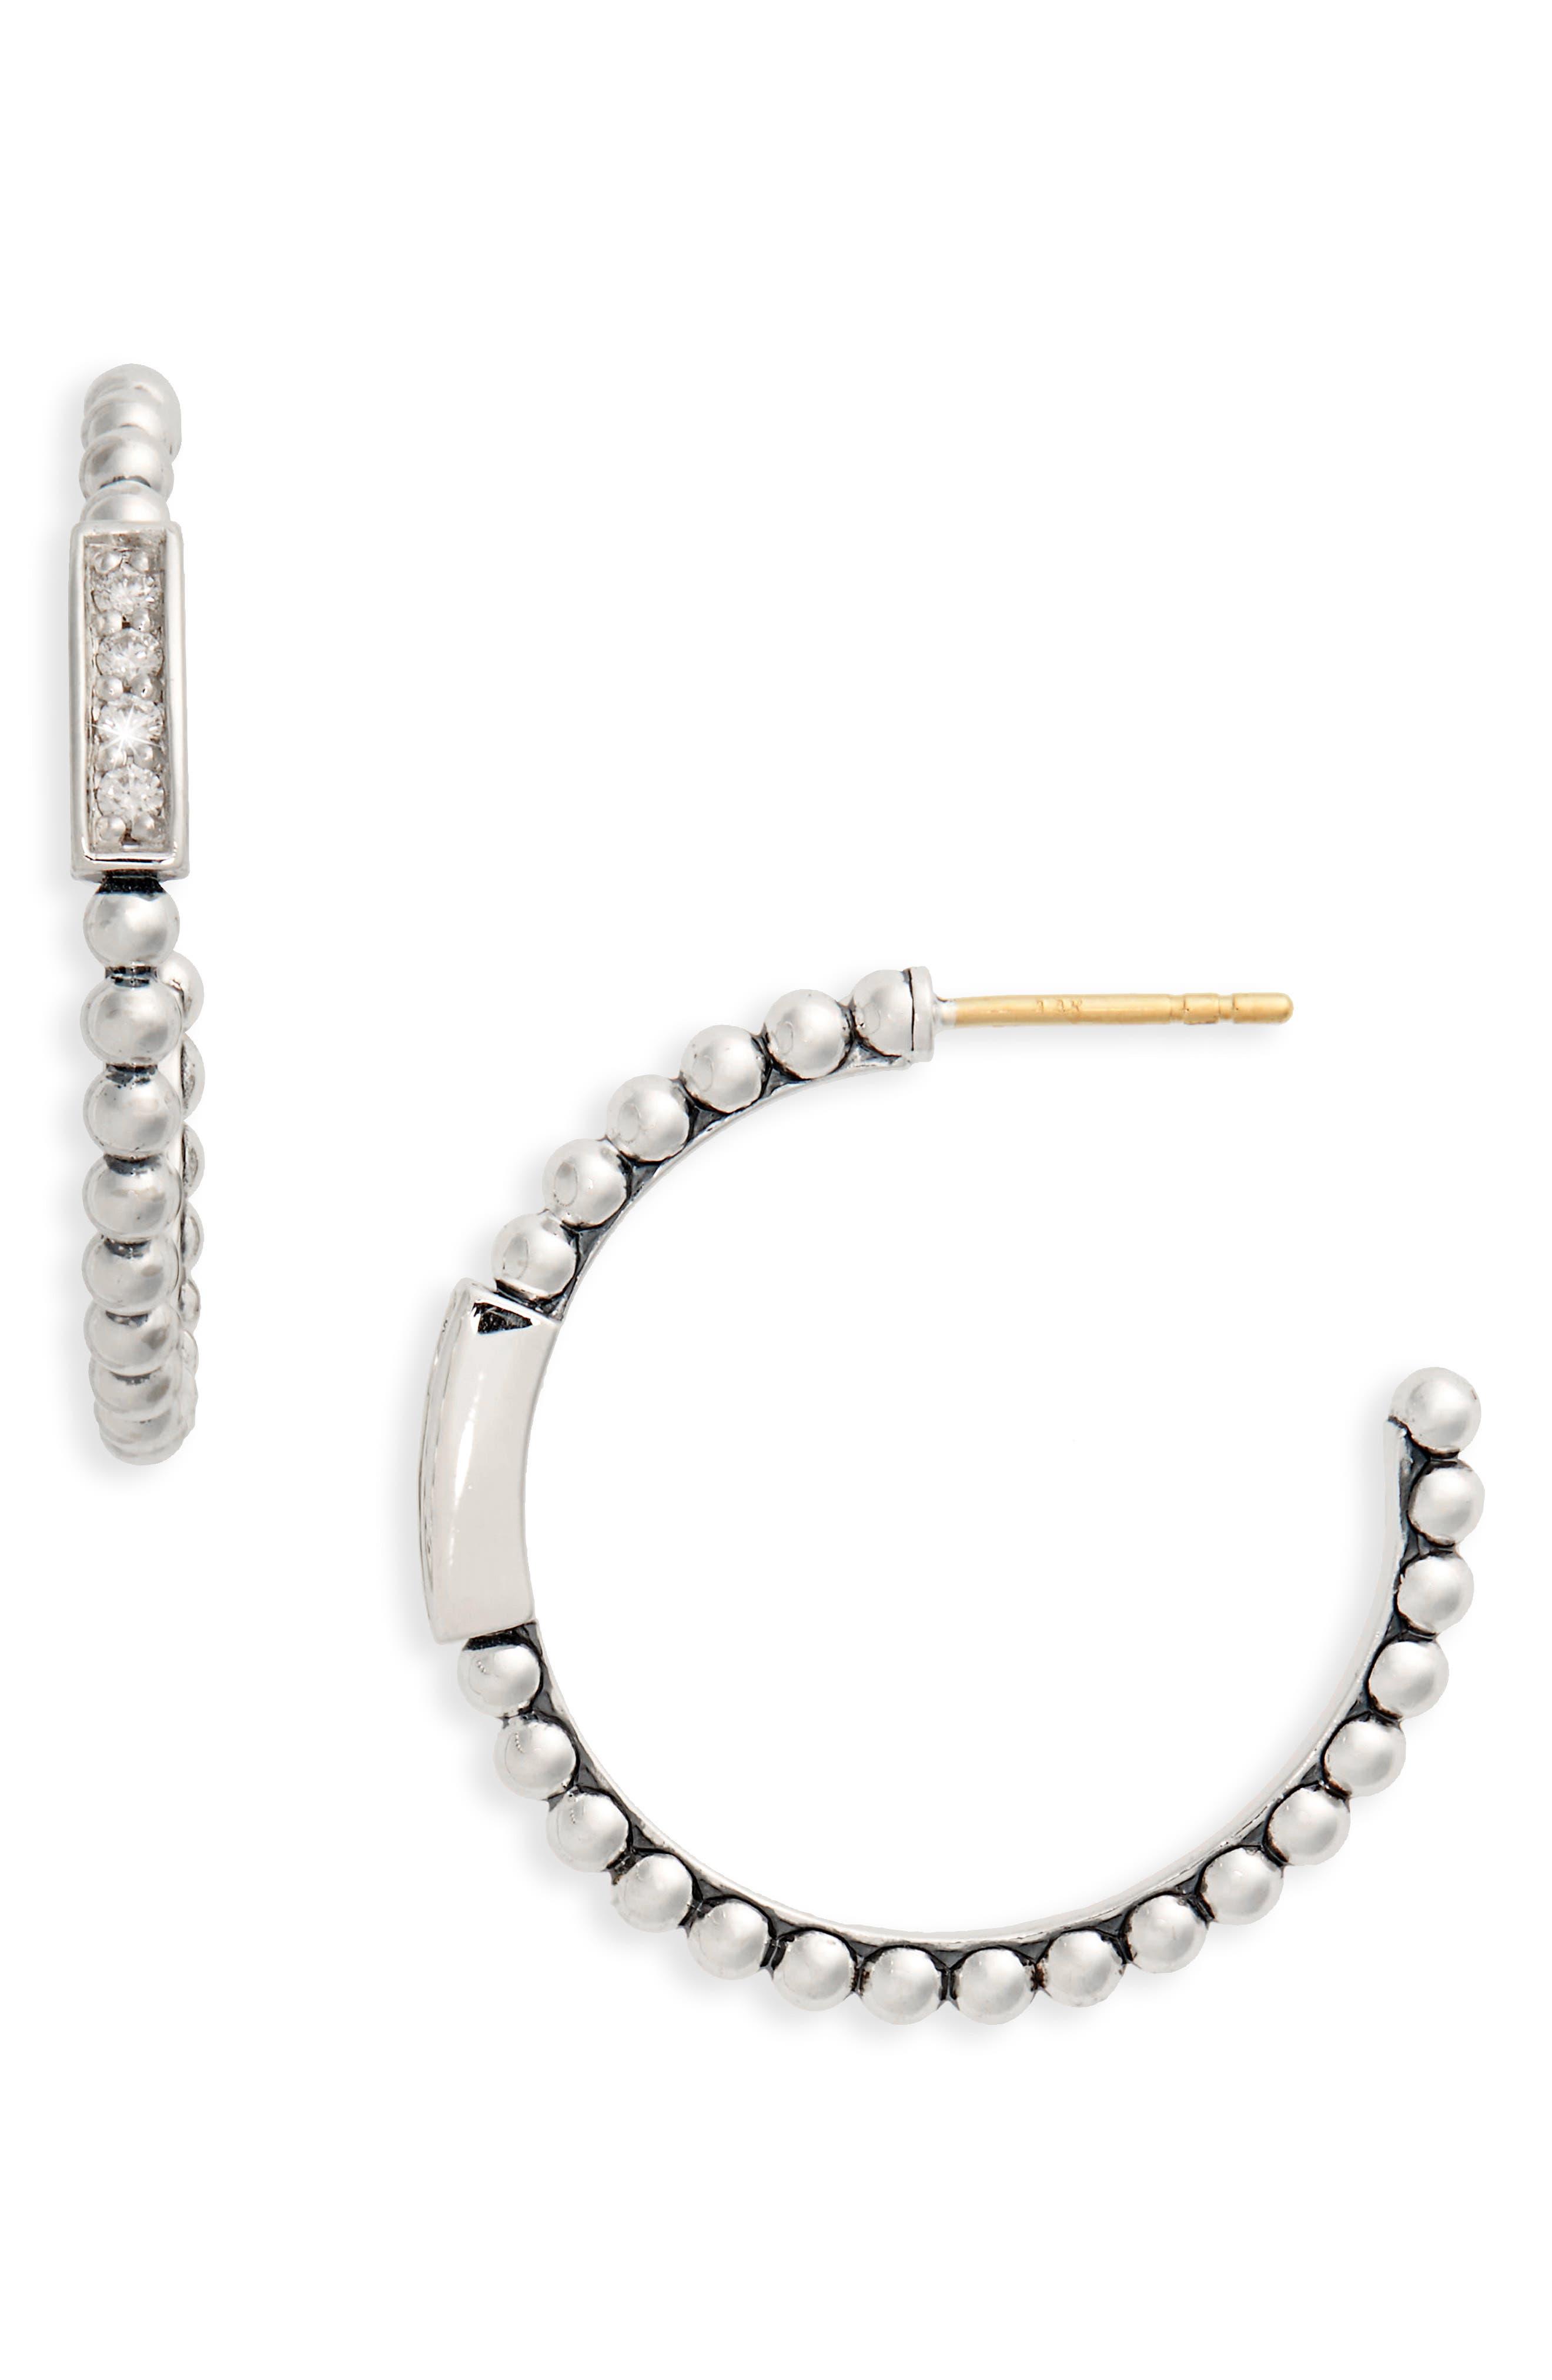 Caviar Spark Diamond Hoop Earrings,                             Main thumbnail 1, color,                             SILVER/ DIAMOND